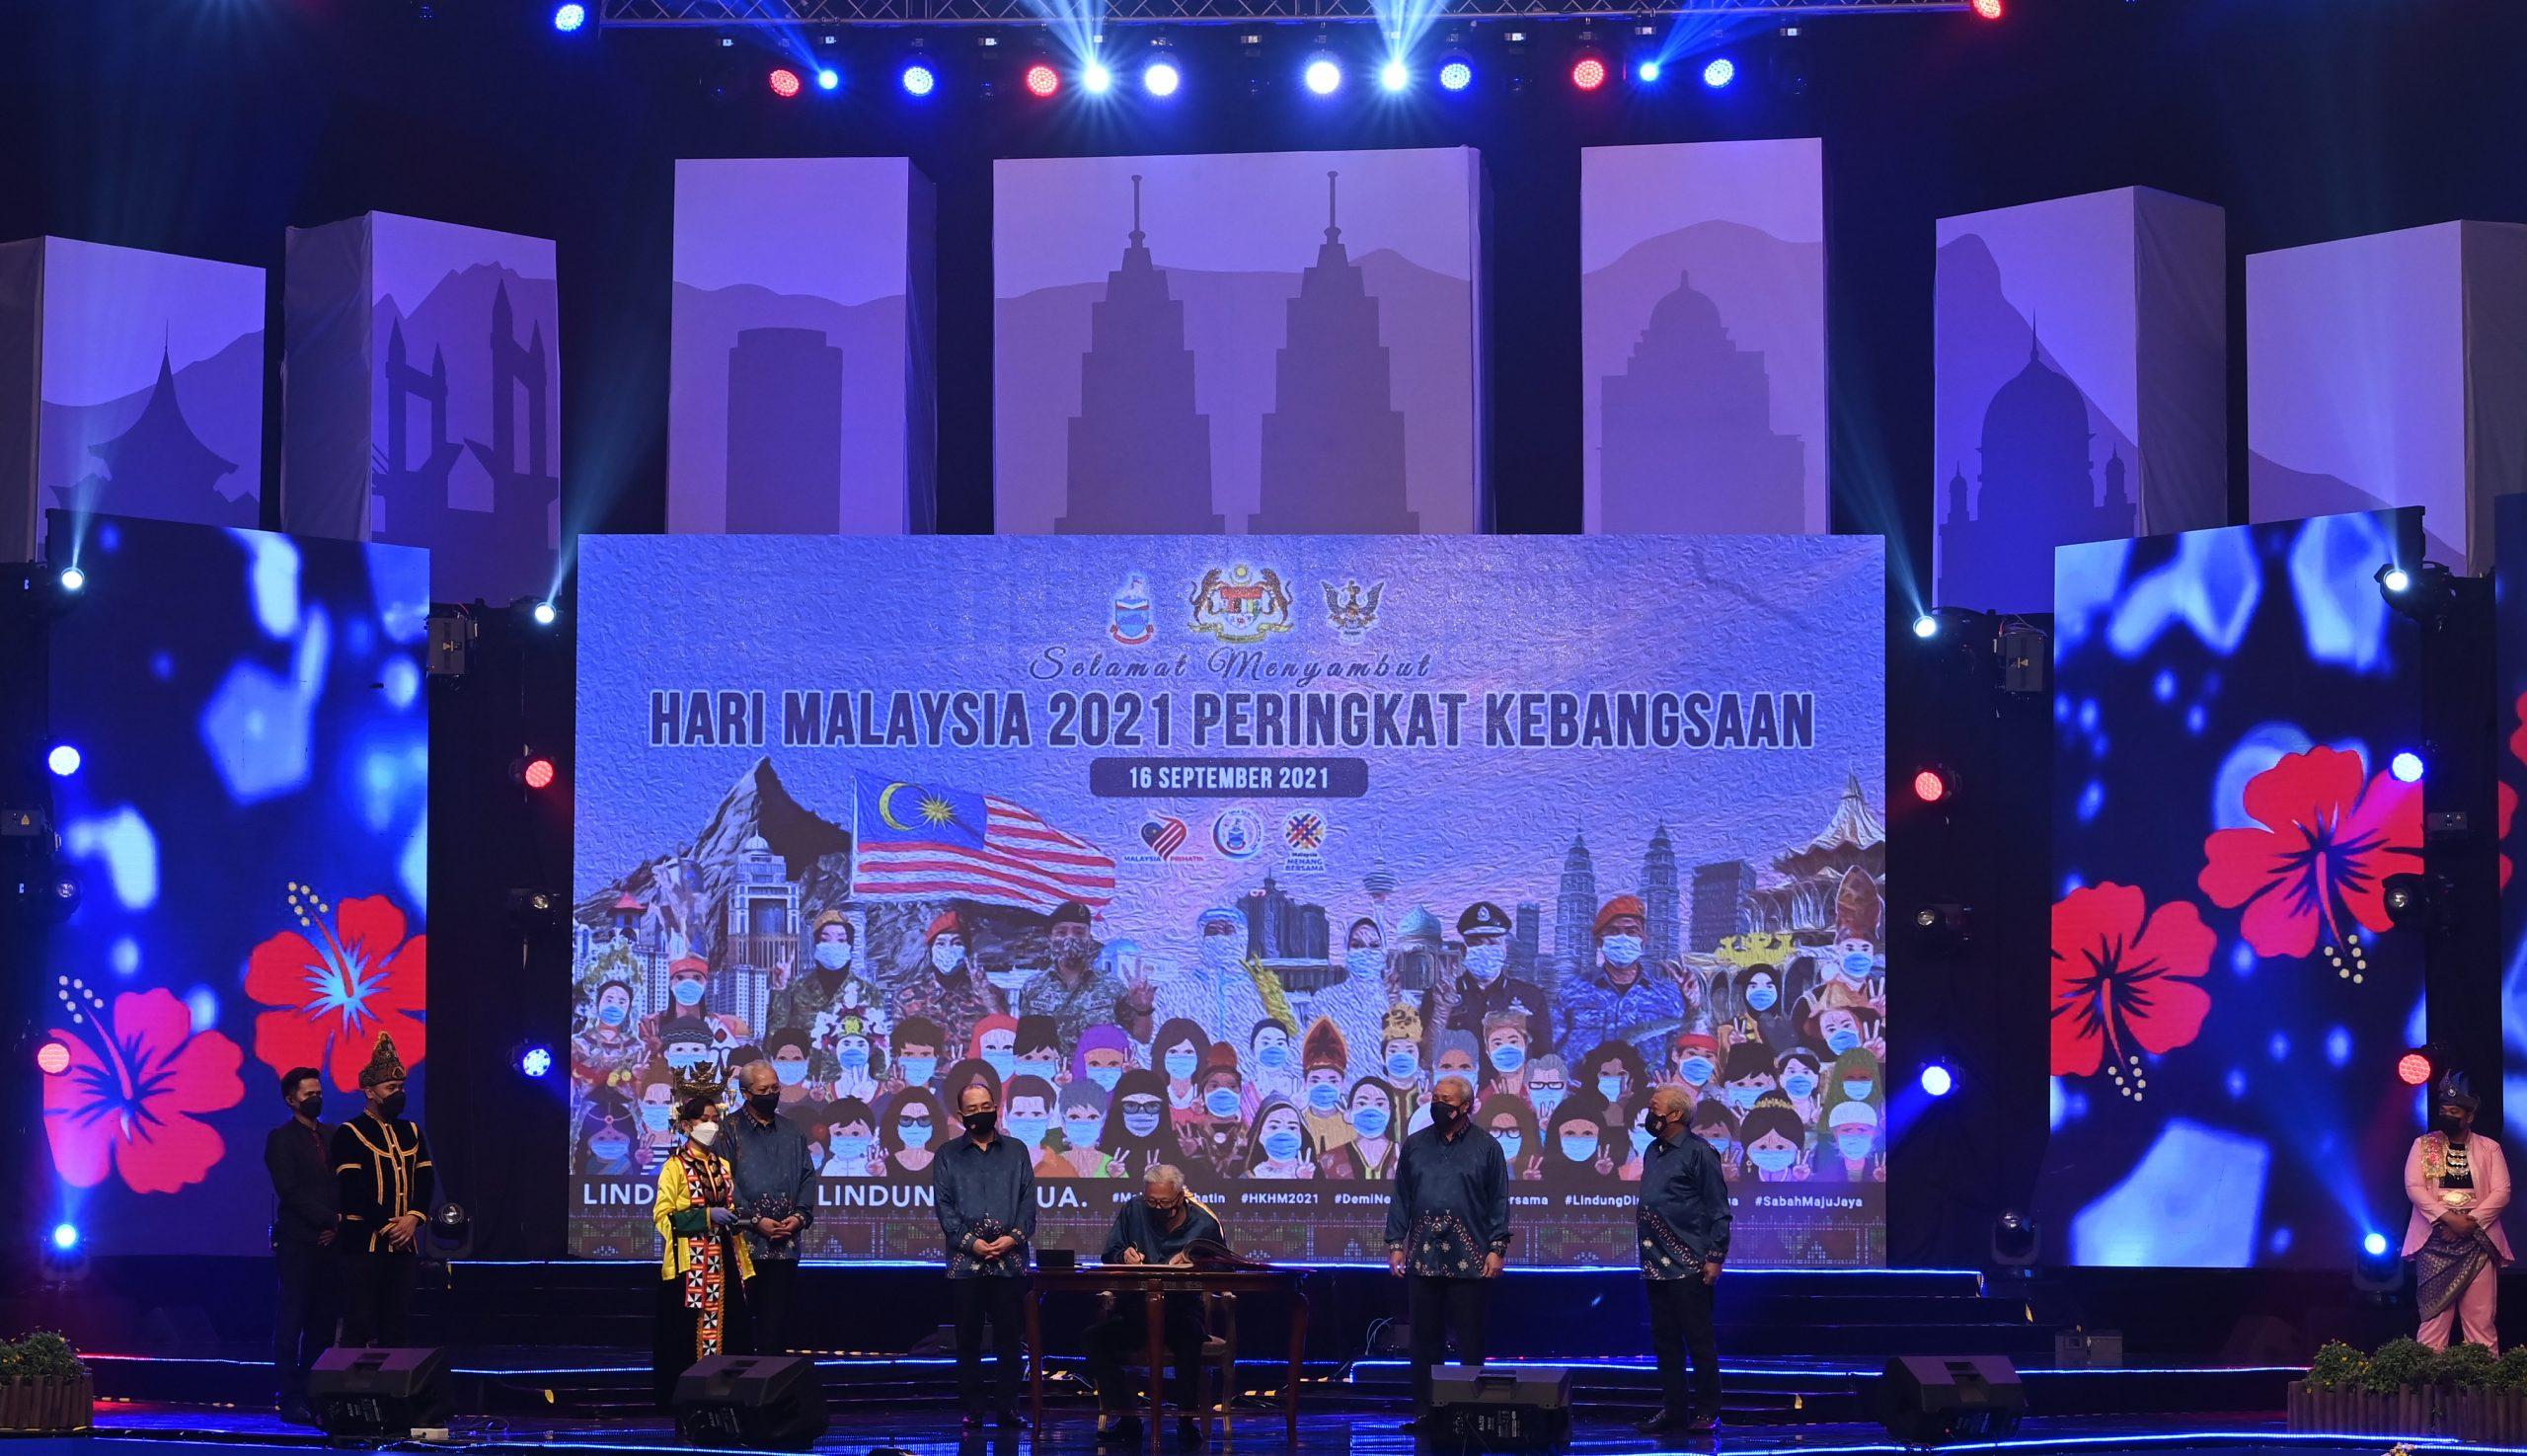 PM HARI MALAYSIA 4 scaled